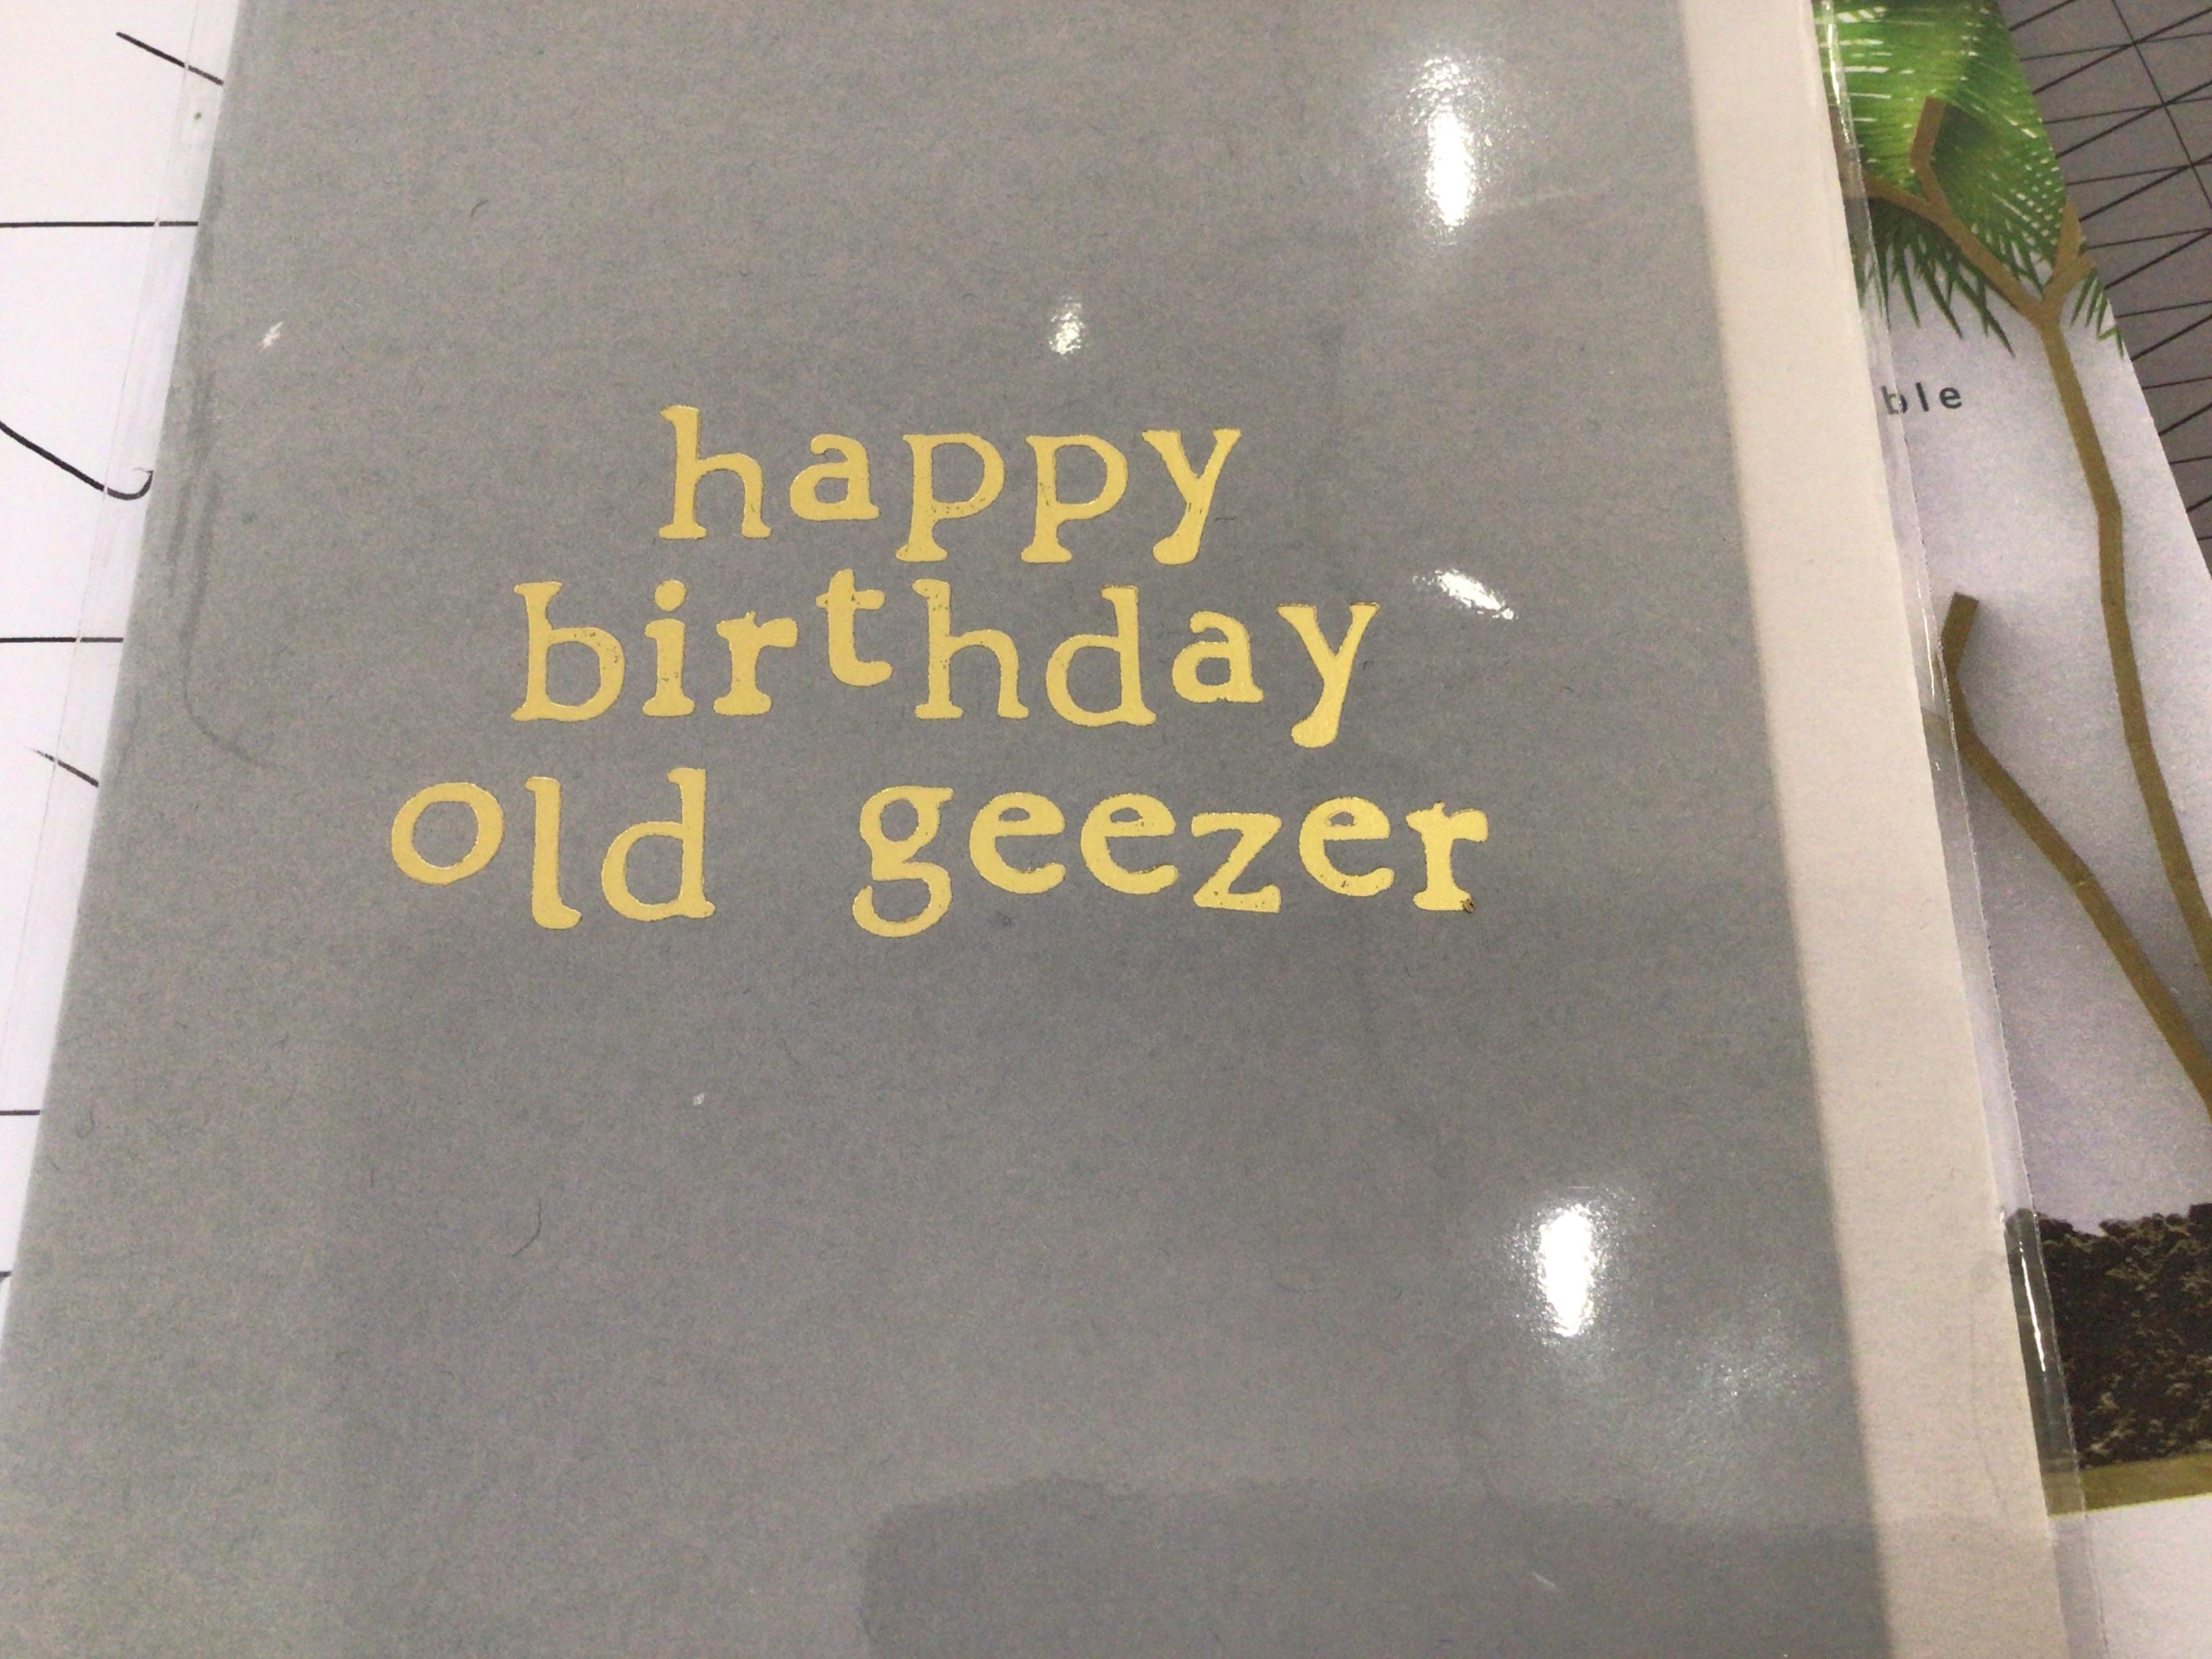 Happy birthday old geezer